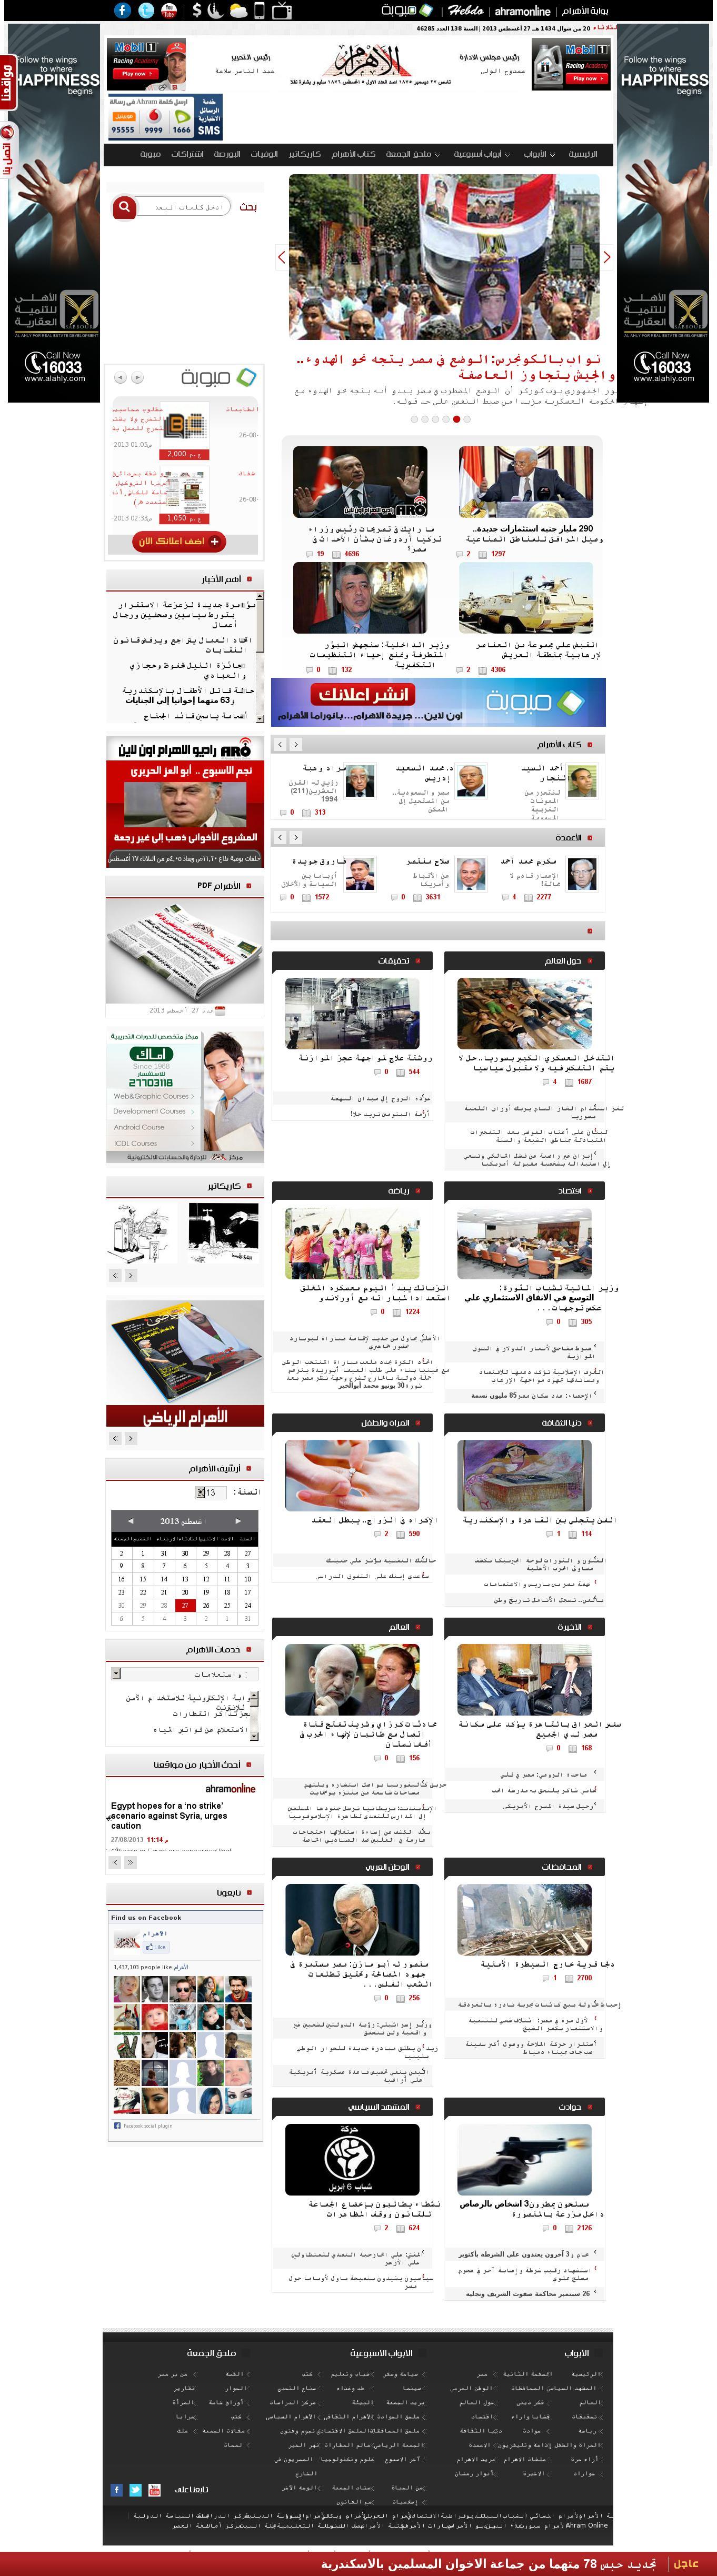 Al-Ahram at Tuesday Aug. 27, 2013, 1 p.m. UTC